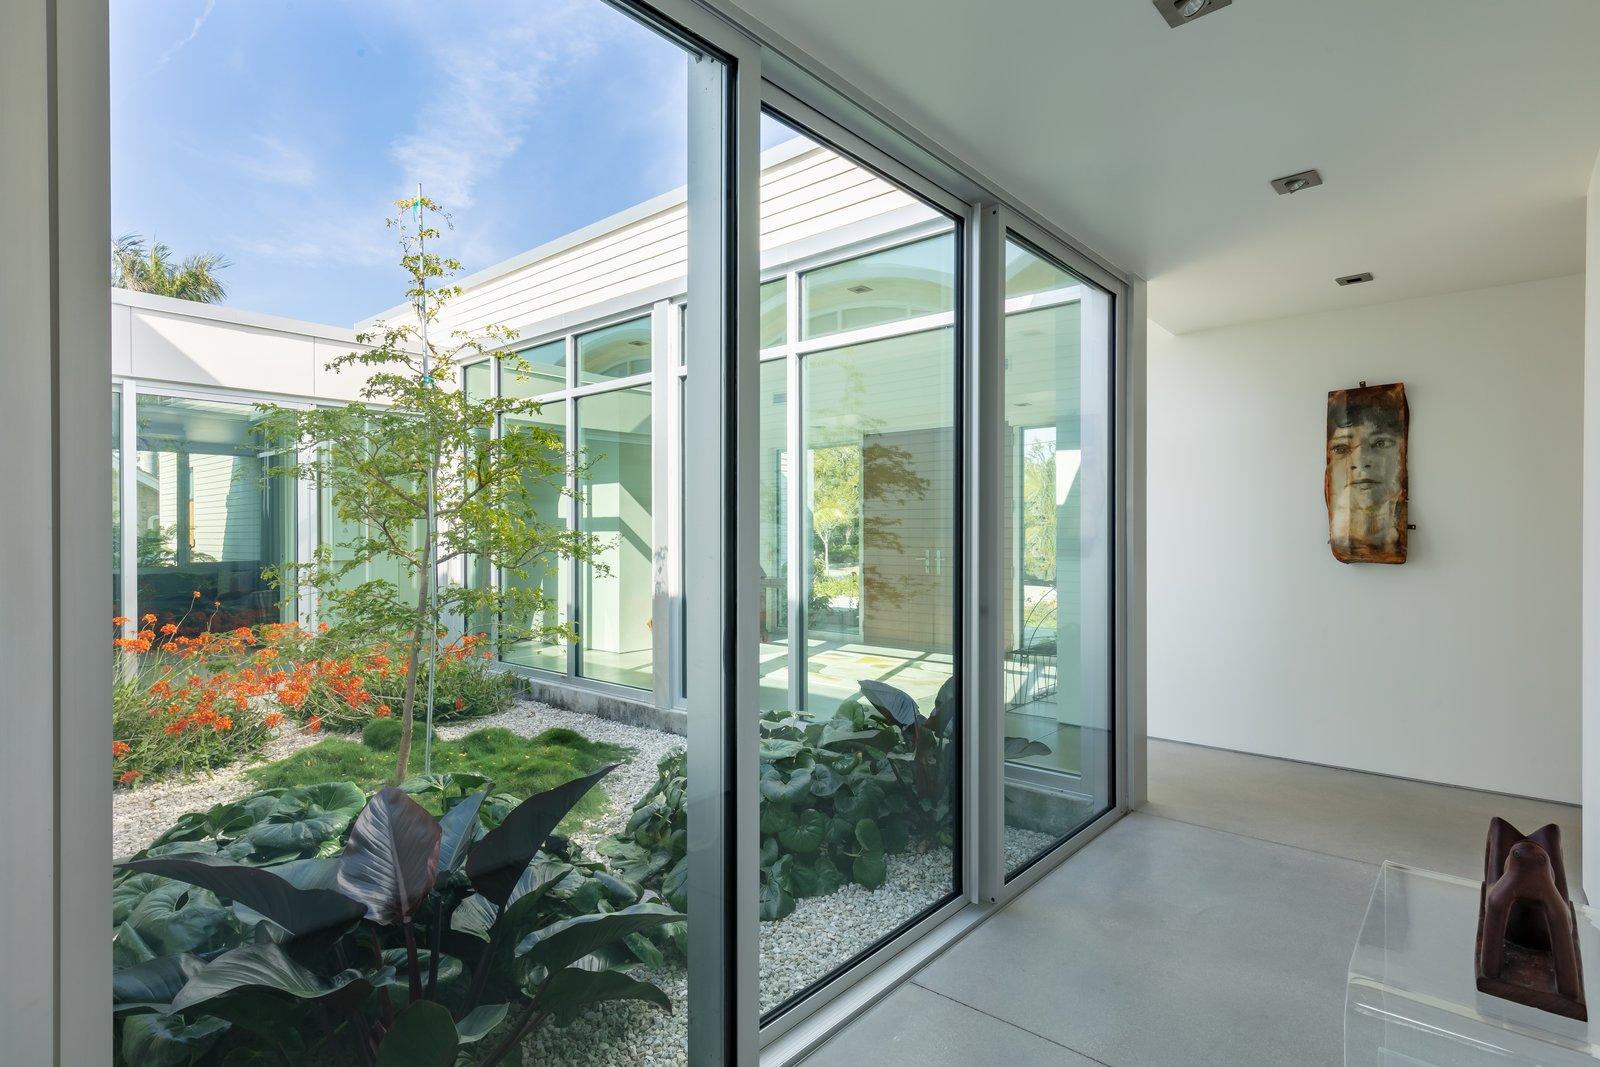 Schechter House Seibert Architects  outdoor